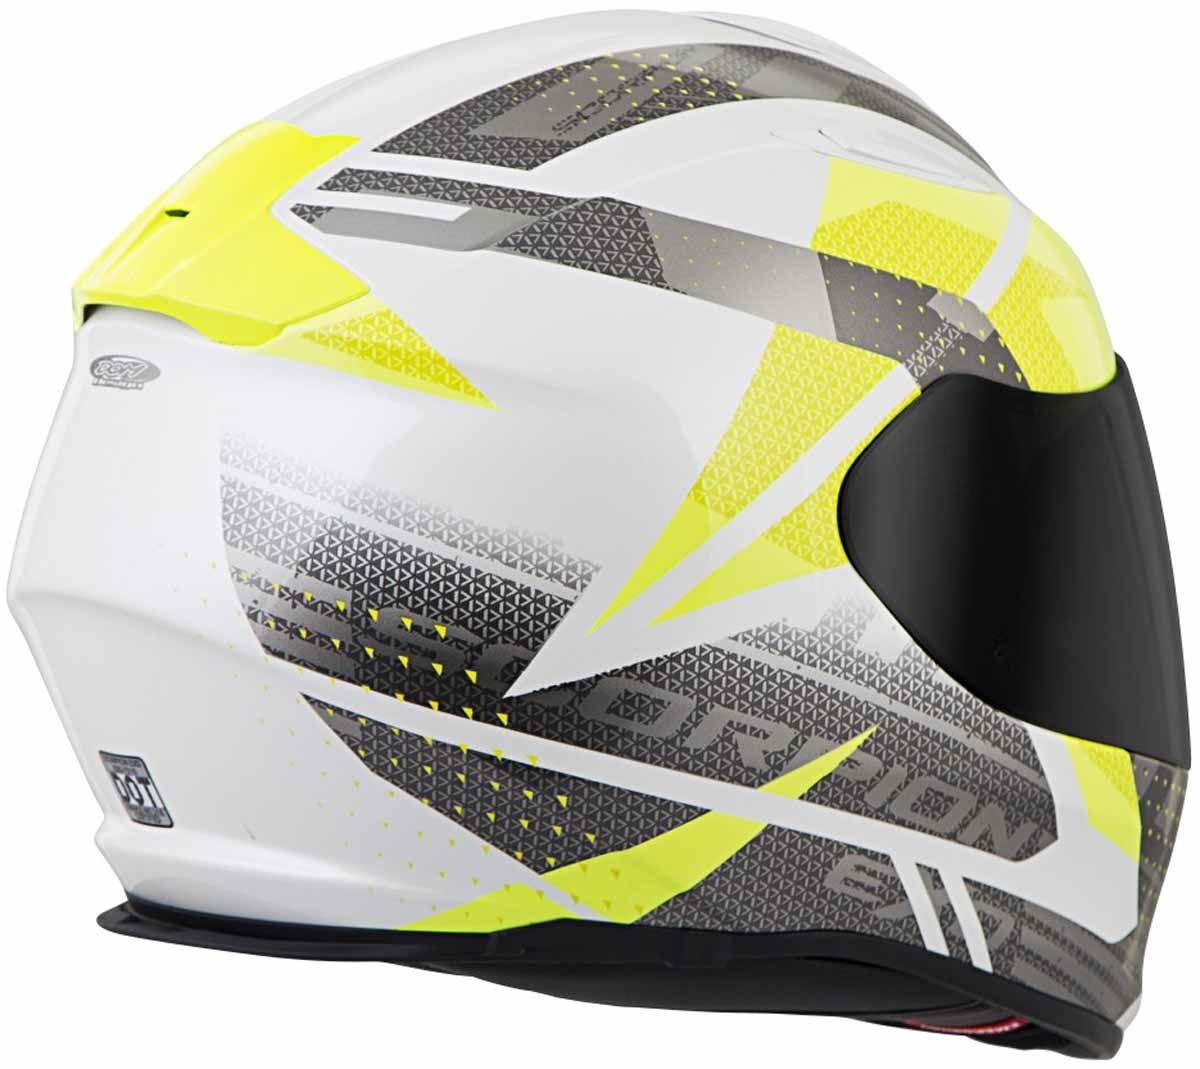 Scorpion-EXO-T510-Helmet-Full-Face-DOT-Approved-Inner-Sun-Shield miniature 79